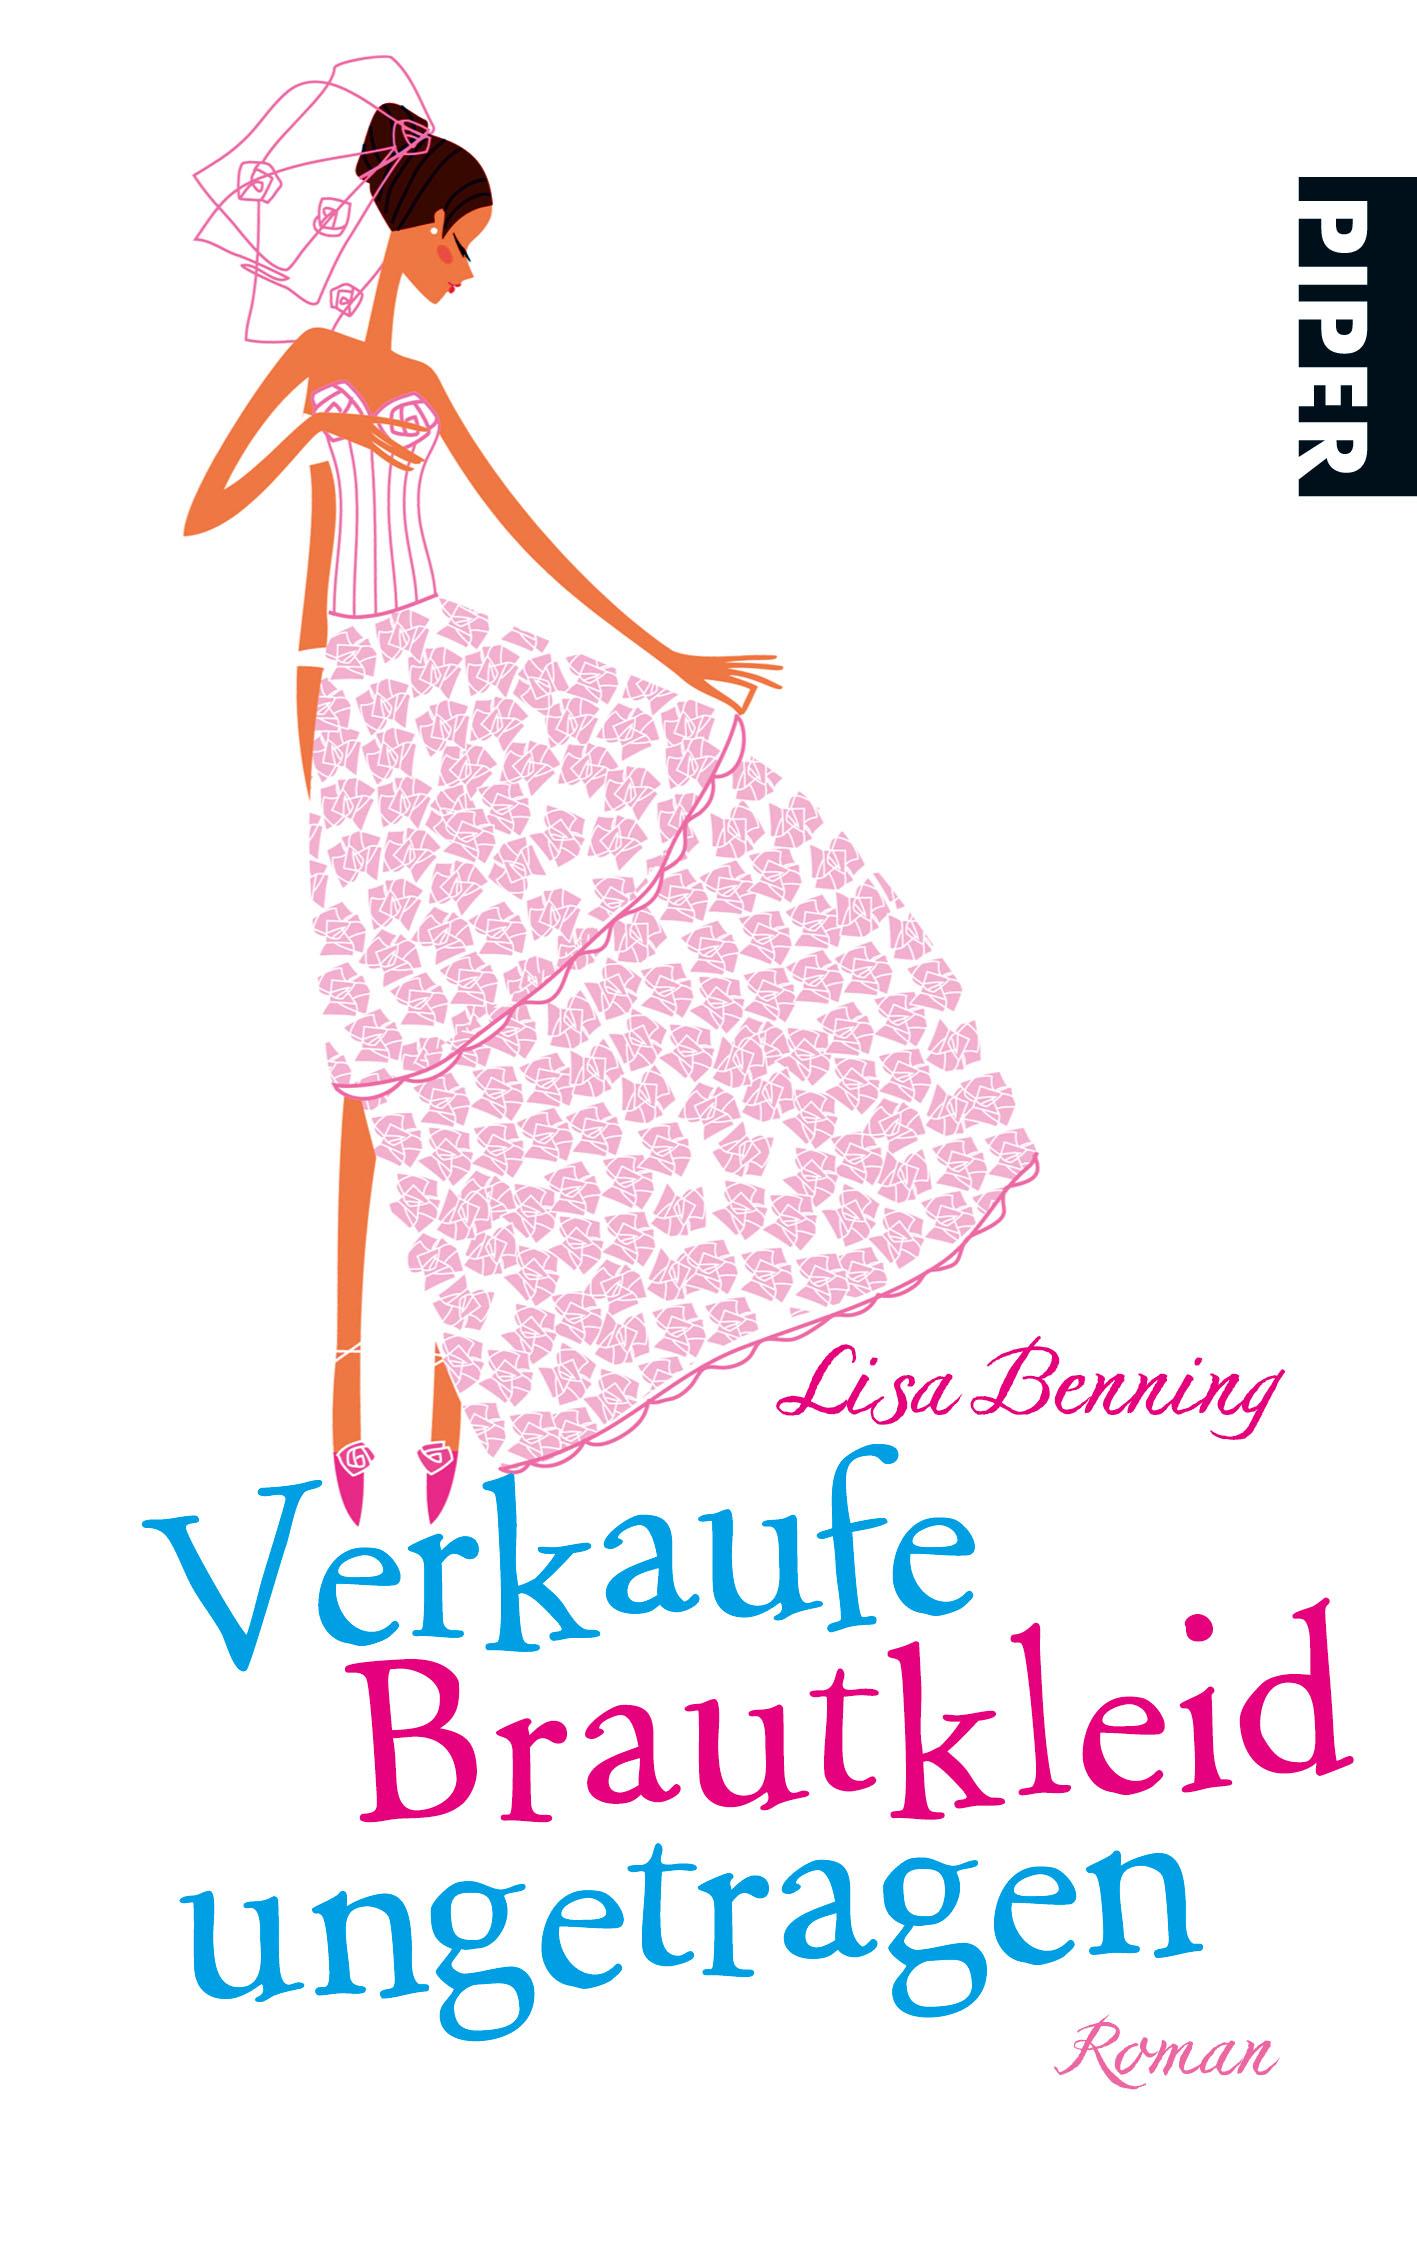 Verkaufe Brautkleid ungetragen - Lisa Benning